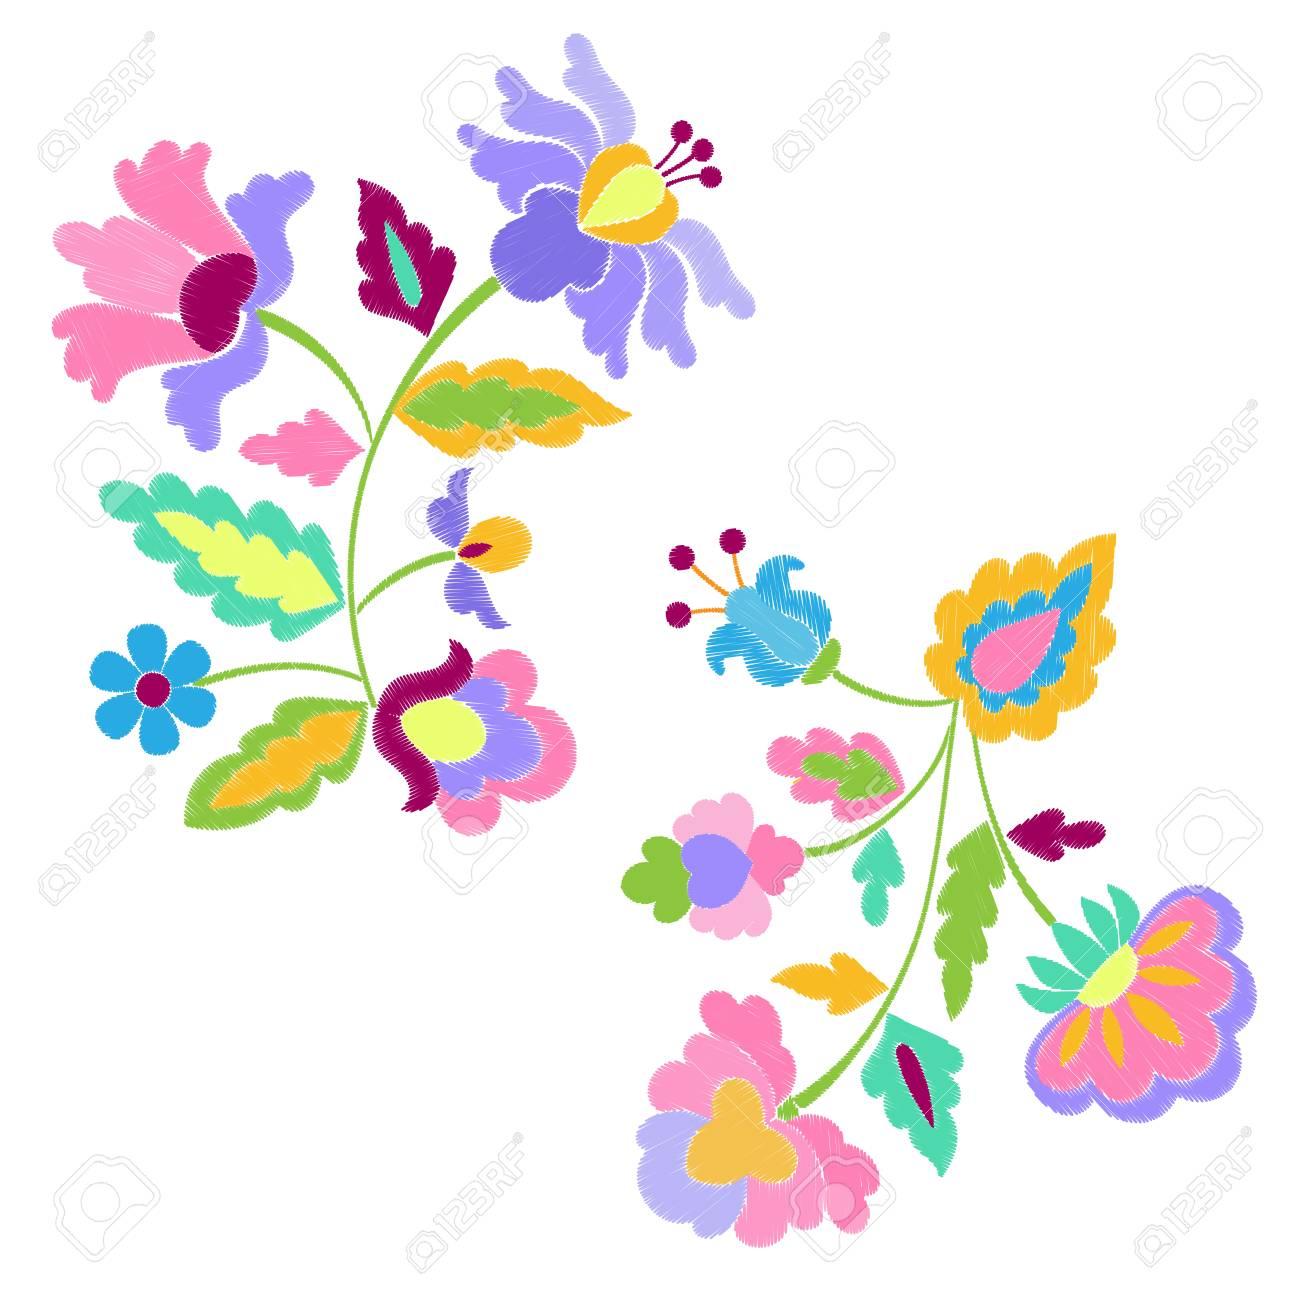 Flores De Fantasía Bordado Patrón Conjunto Ilustraciones Vectoriales ...